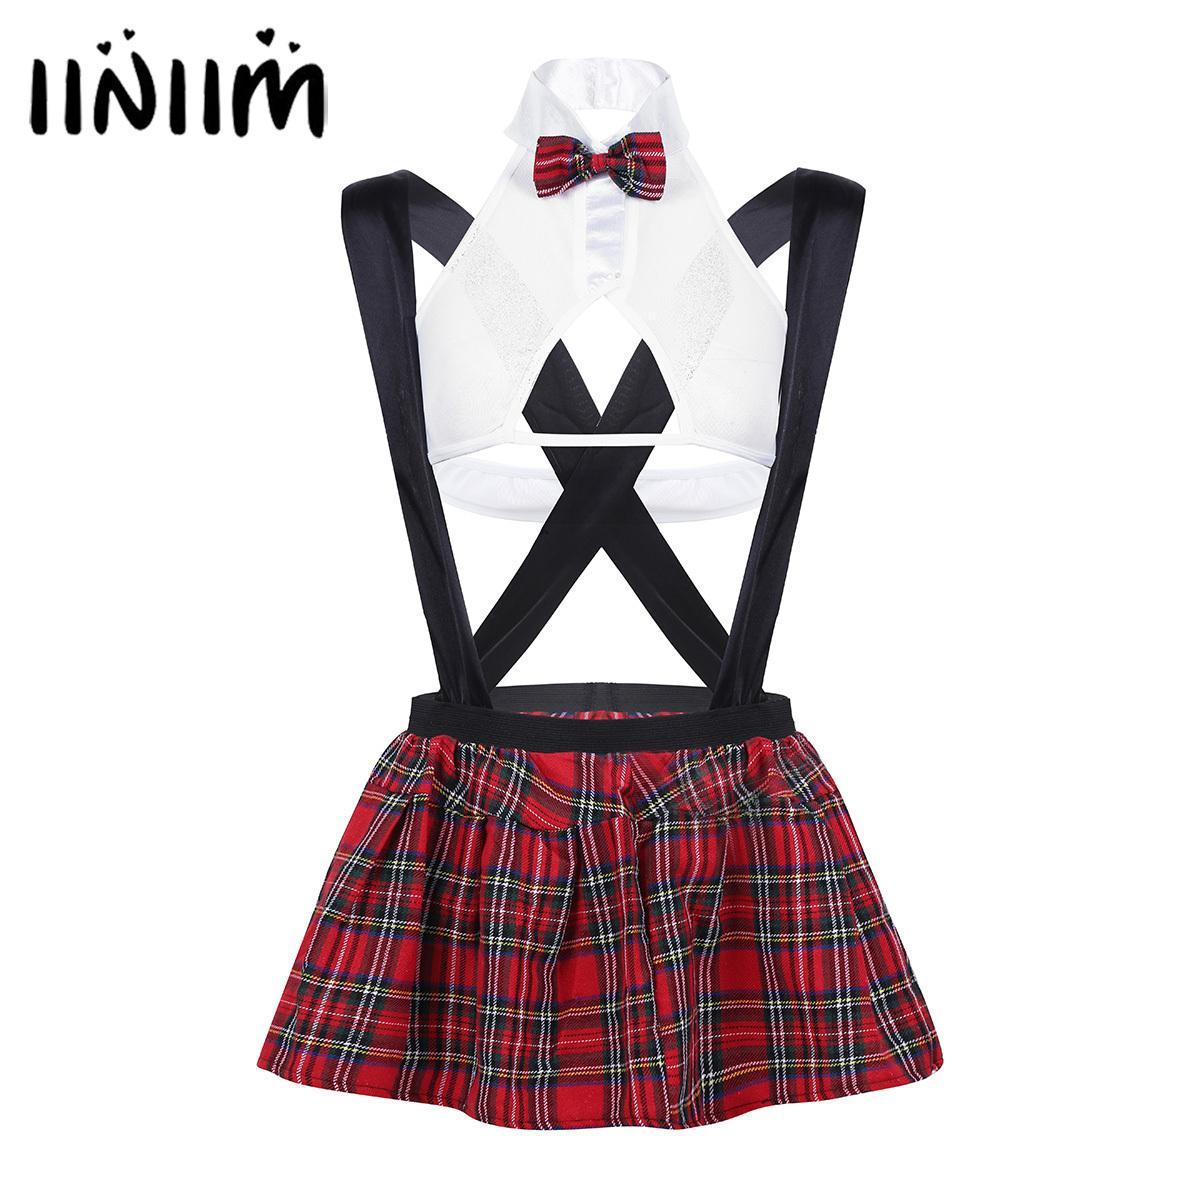 6c28969e63a464 Femmes School Girl Costumes Sexy Lingerie Voir à travers la tenue  Discothèque Cosplay Top avec jarretelle à carreaux Mini jupe G-string  C18111601